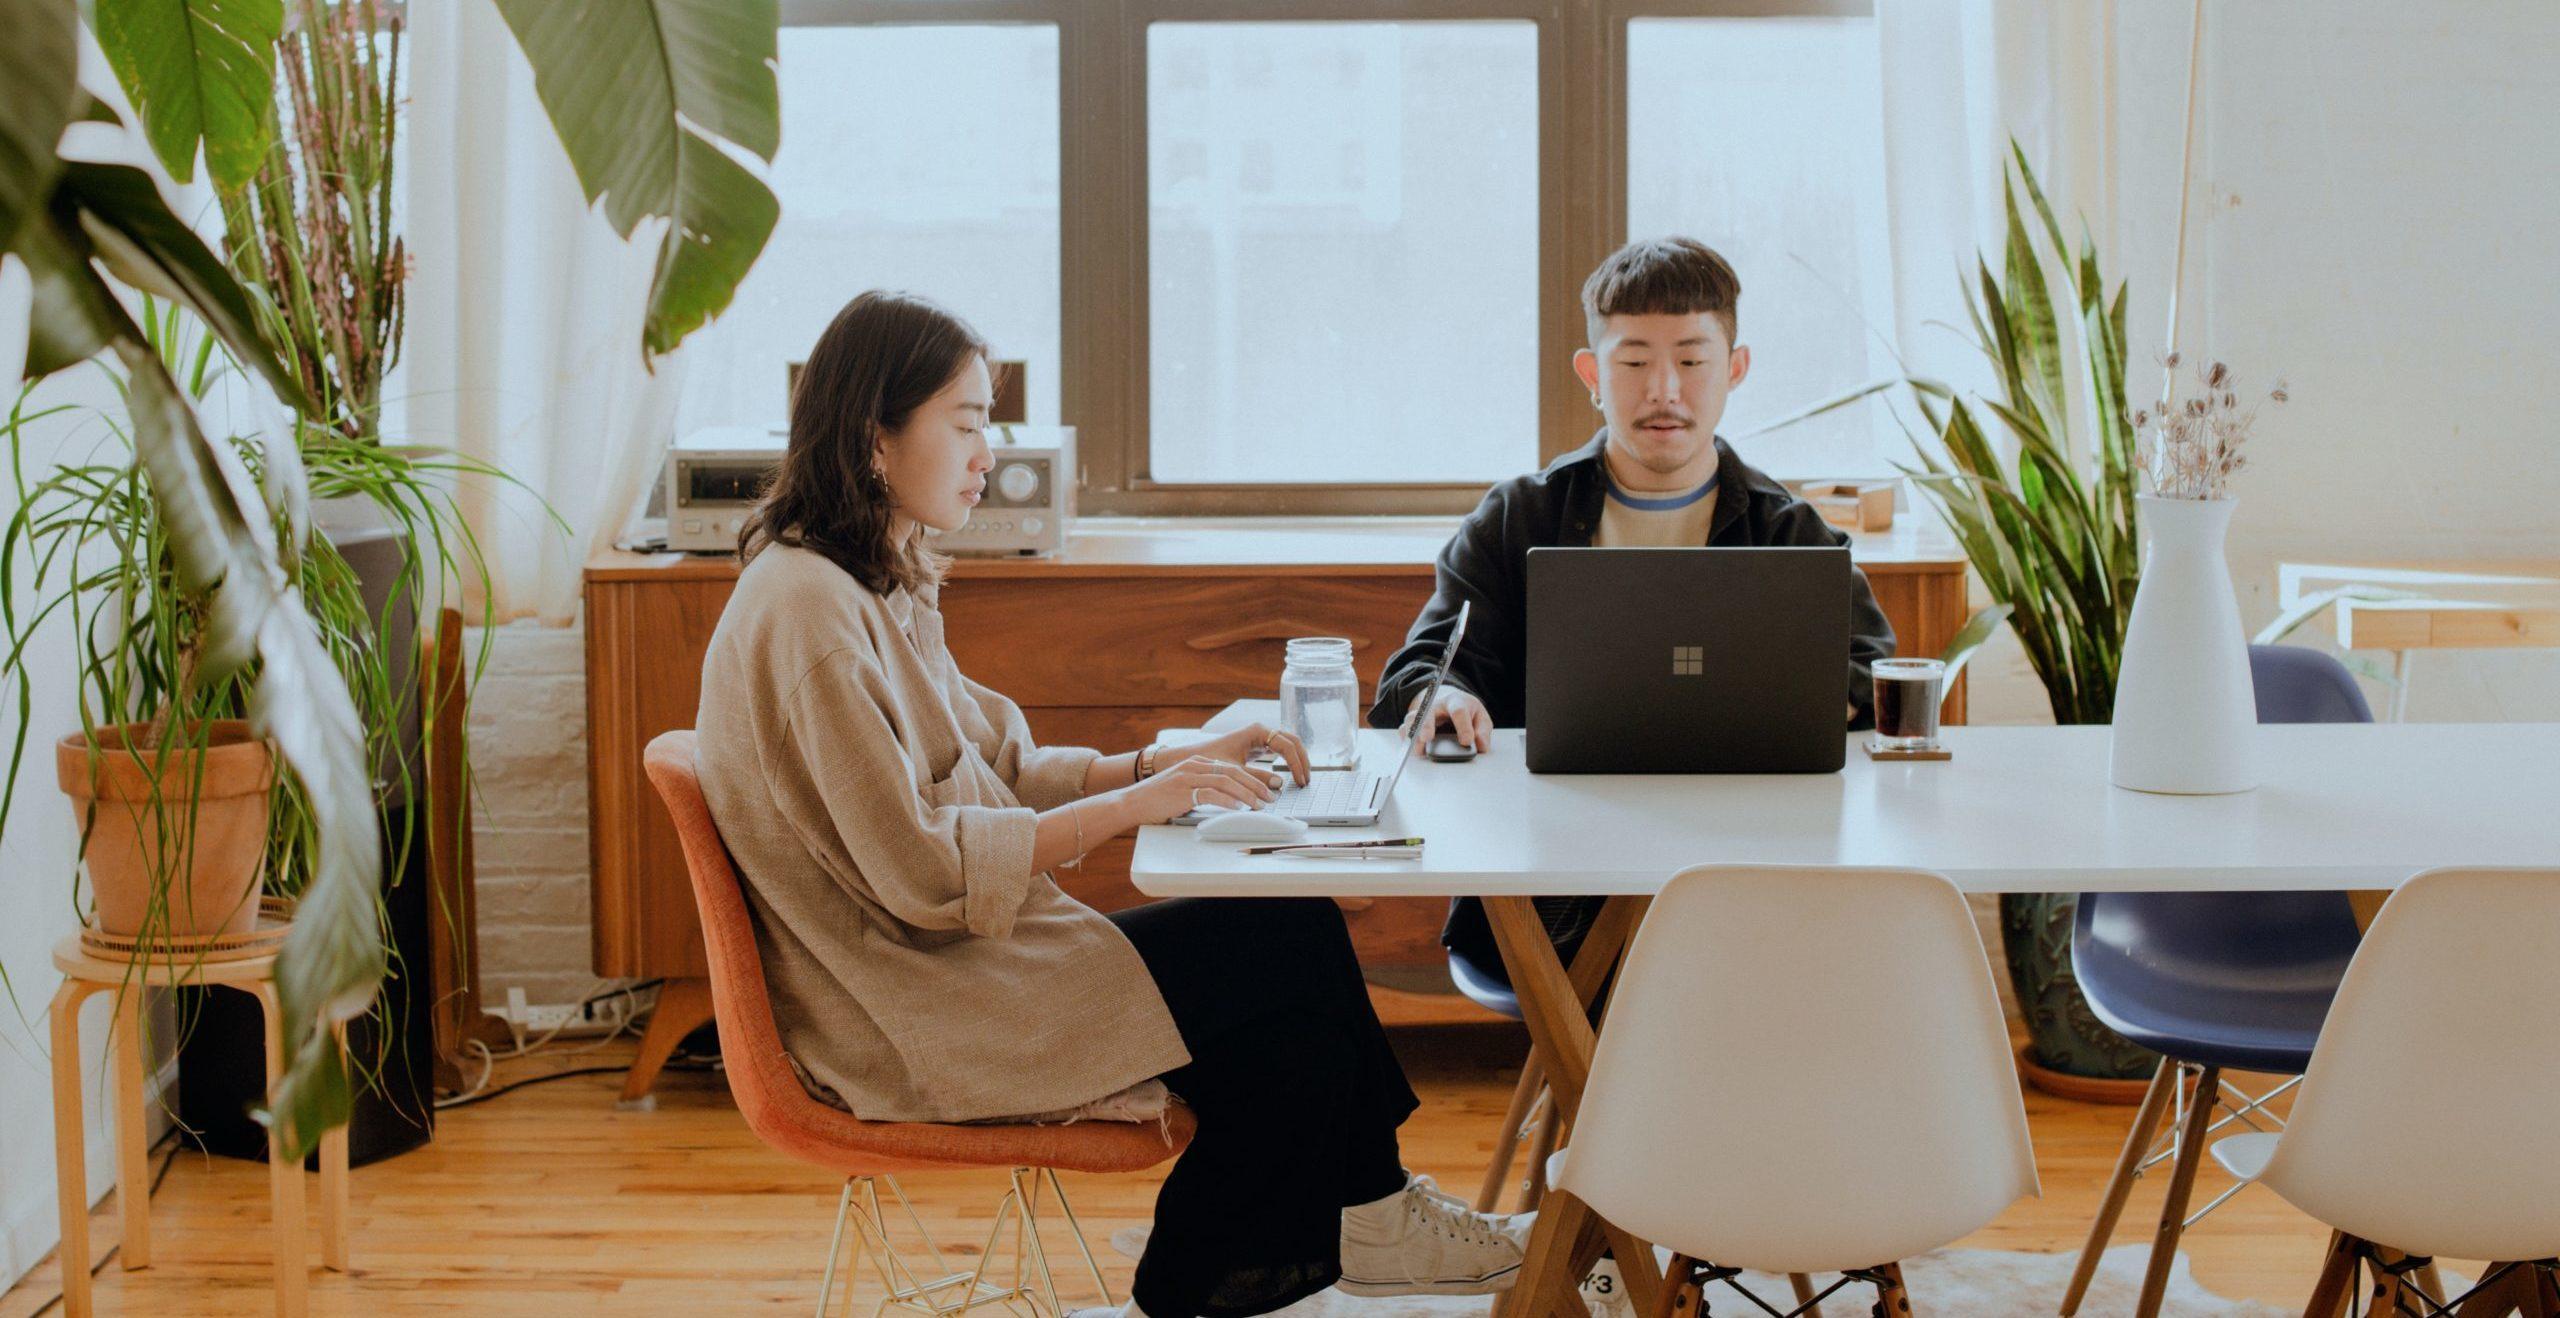 Samenwerken met een andere freelancer – Hoe pak je dat aan?